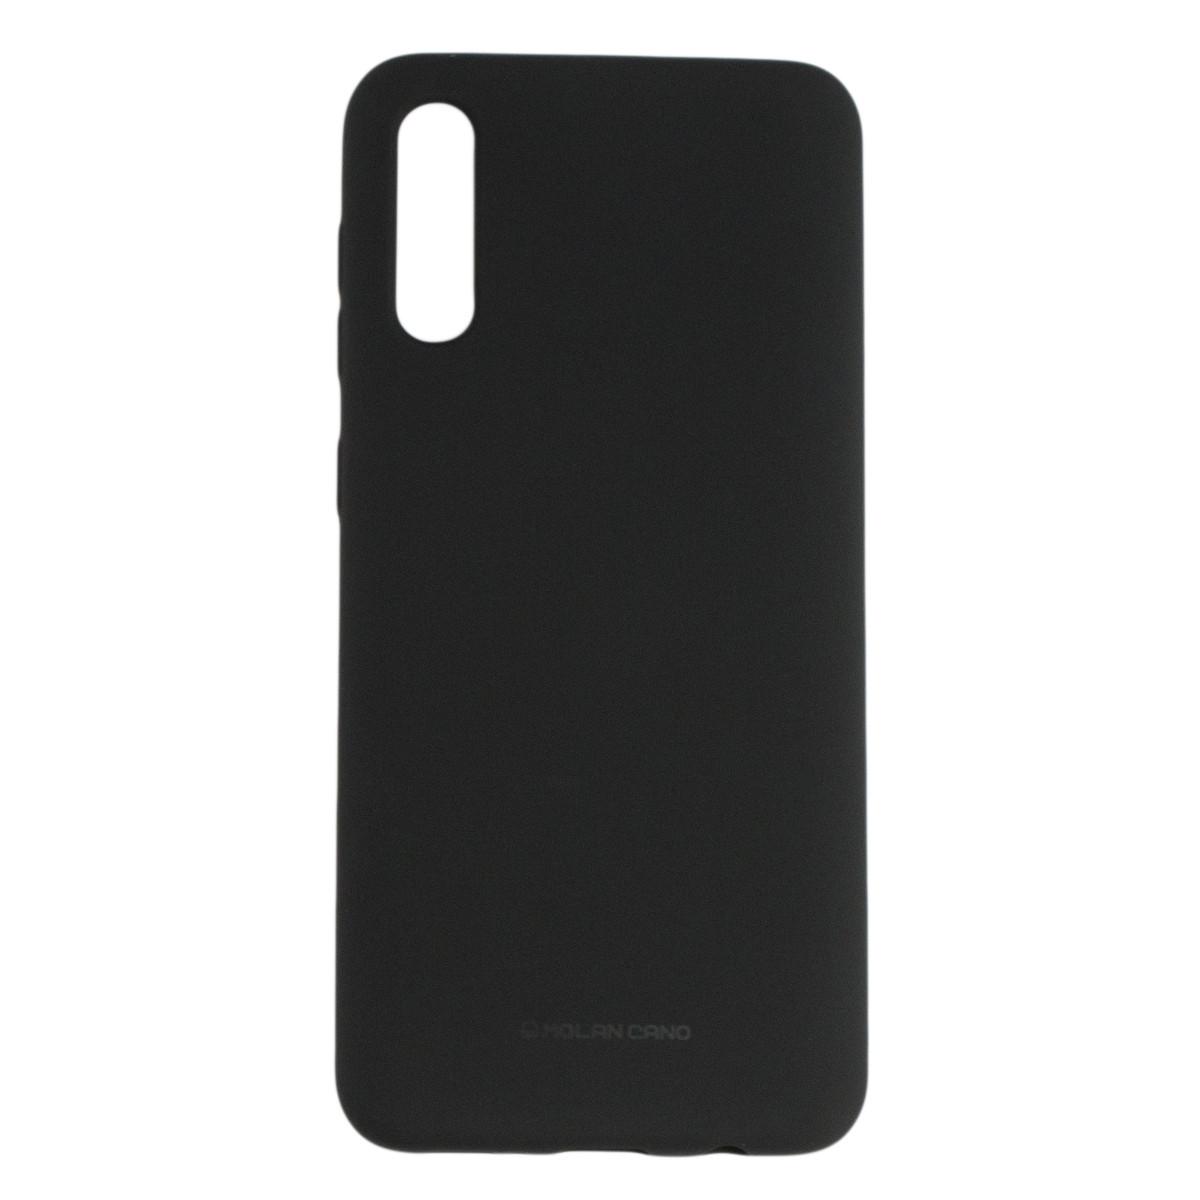 Оригинальный силиконовый чехол Molan Cano Jelly Case для Samsung Galaxy A30S (SM-A307) (черный)